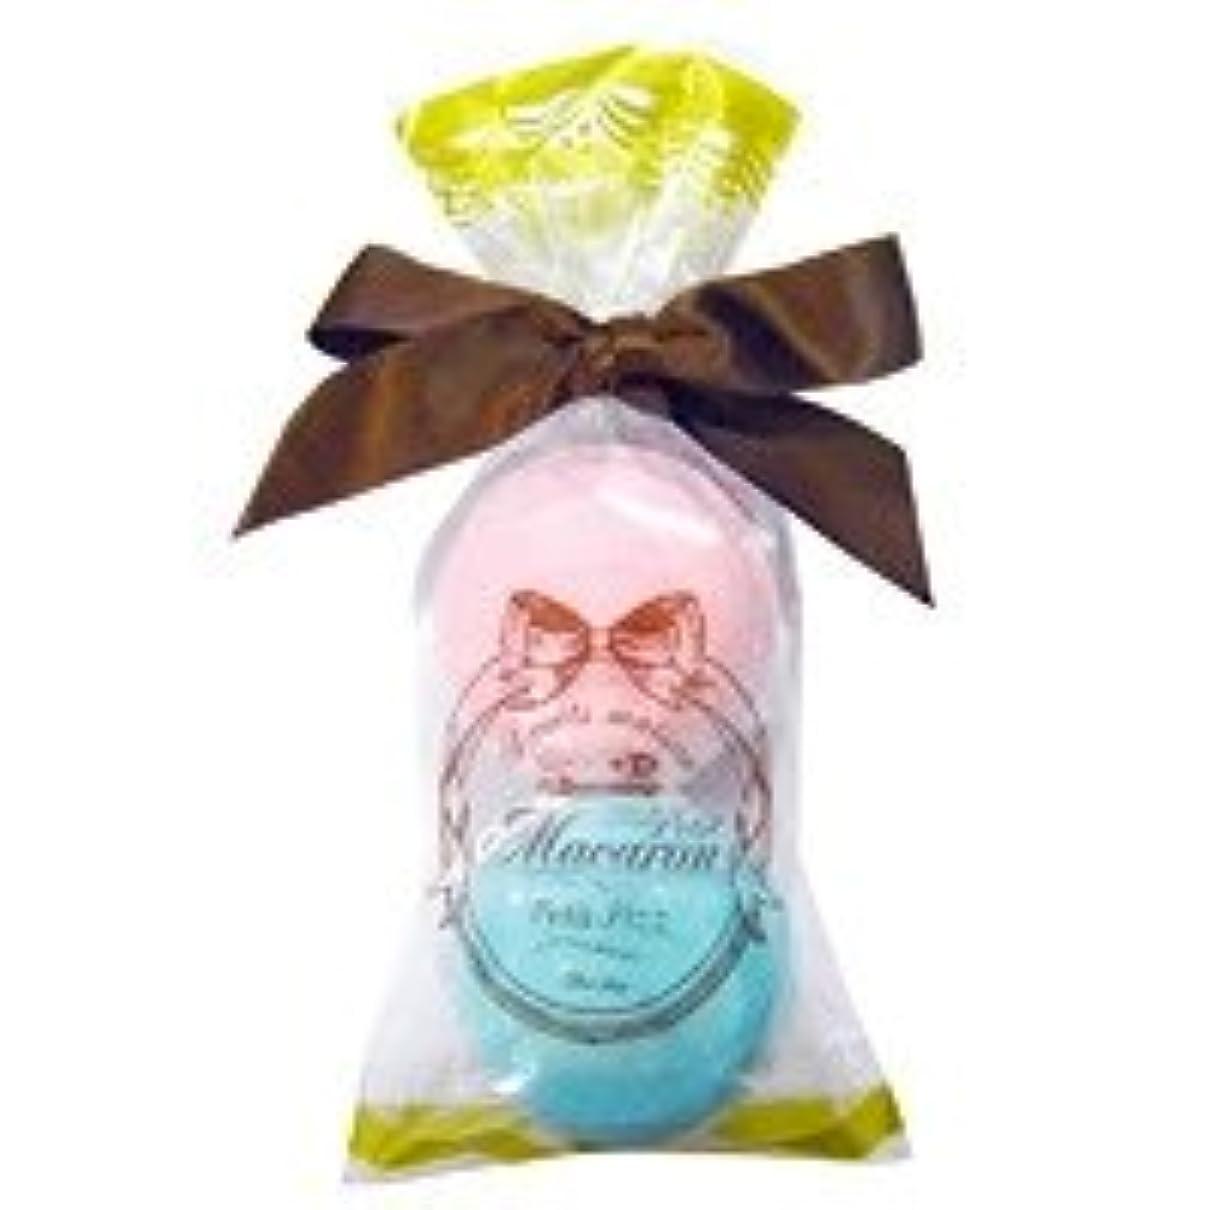 トランペット物語なのでスウィーツメゾン プチマカロンミニセット「ピンク&ターコイズ」6個セット 甘酸っぱいラズベリーの香り&香り豊かなグリーンティの香り